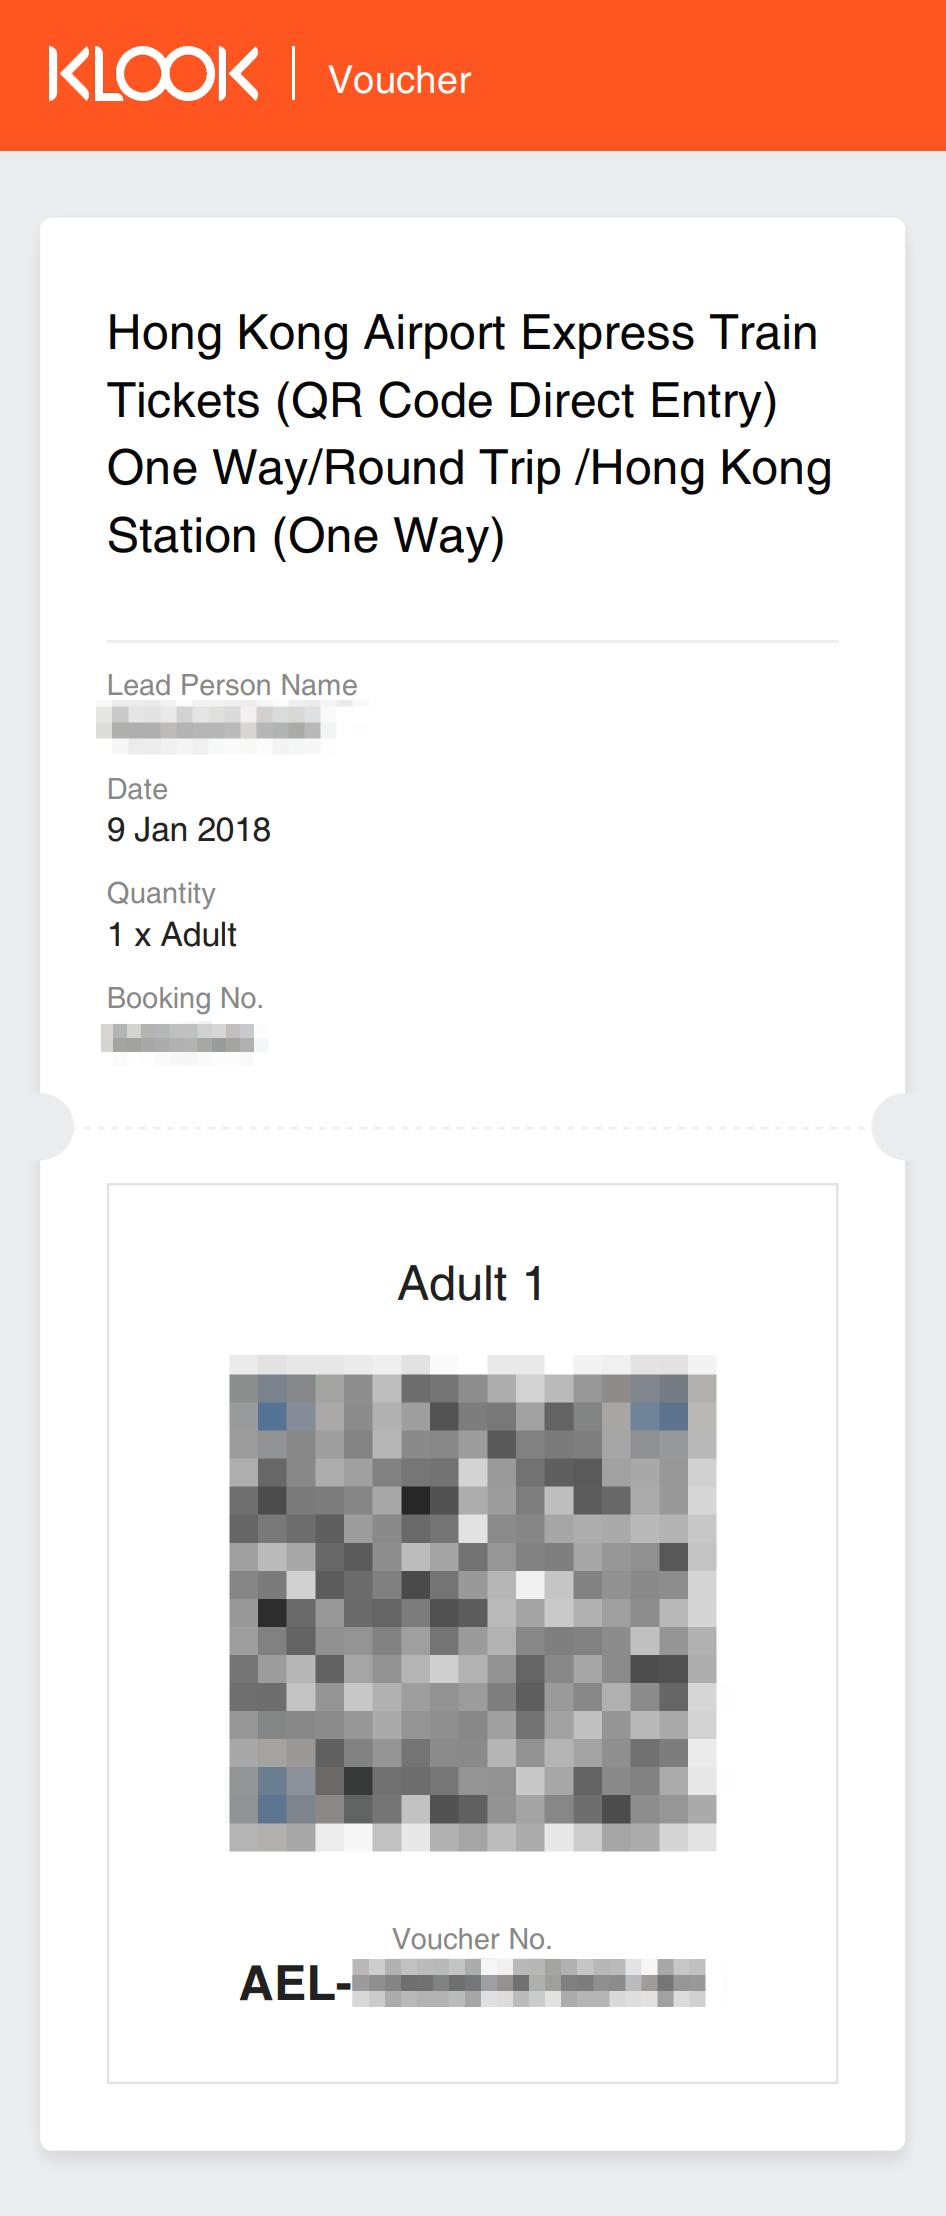 Klookの香港エアポートエクスプレスのQRコードチケット